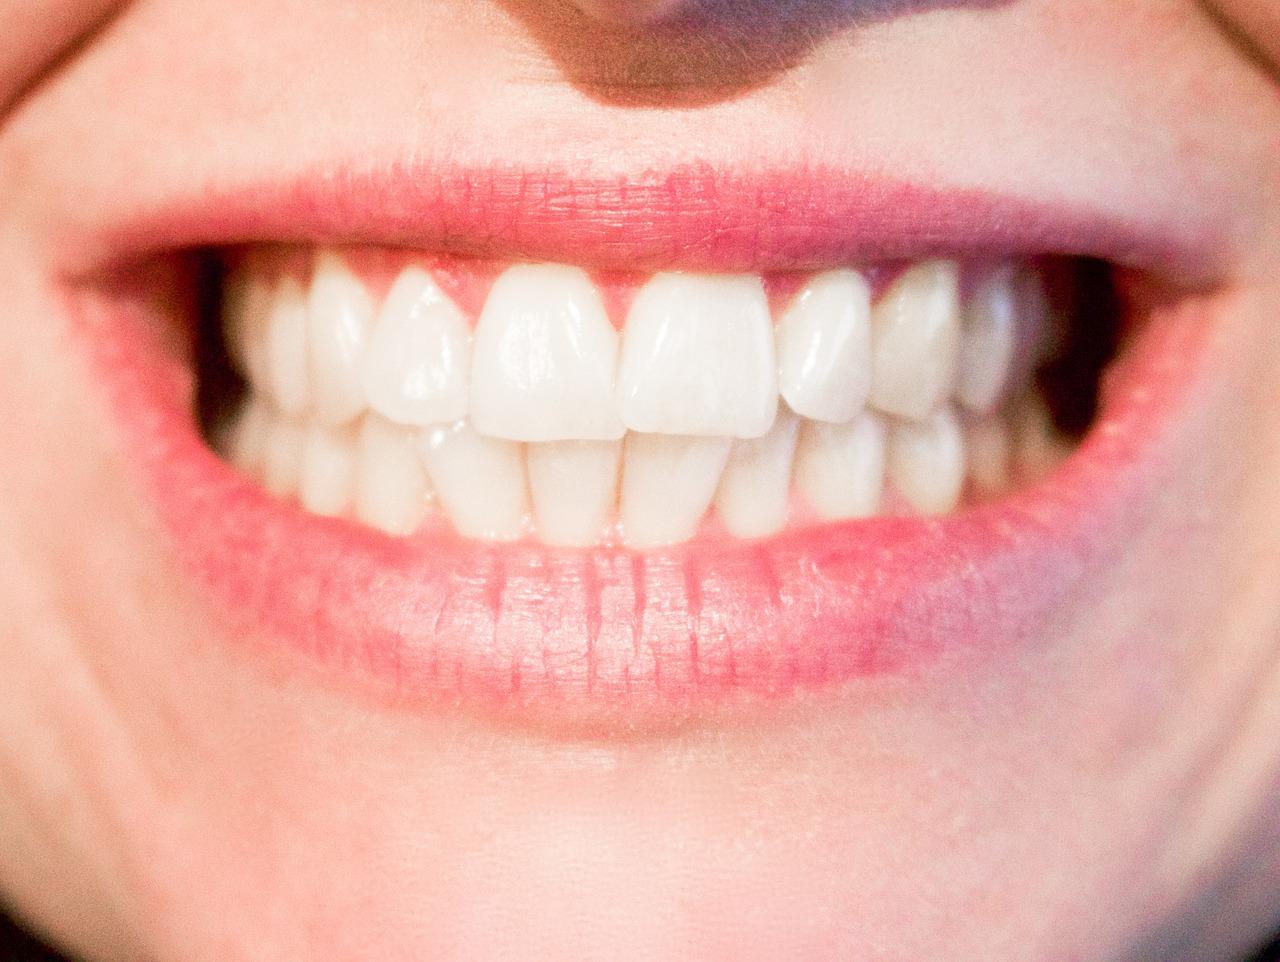 早期緩和ケアクリニック外来の緩和医療専門医(緩和ケア医)大津秀一が解説する口腔がん・舌がん・口腔底がんと早期からの緩和ケア